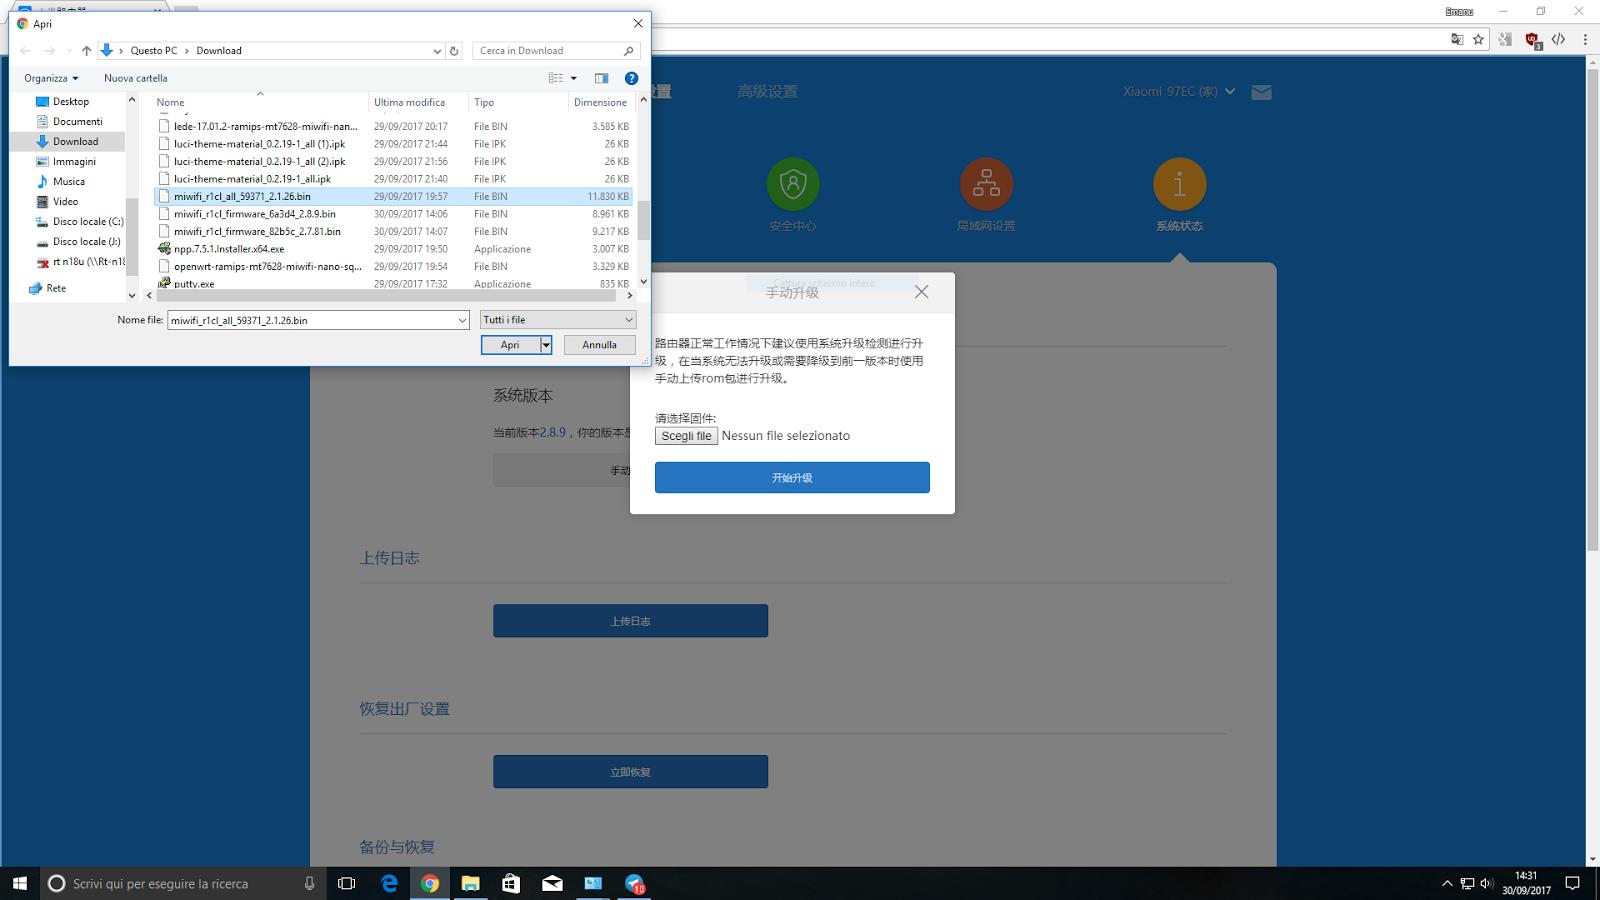 Perc Guida Scaricare Ed Installare Firmware - Querciacb